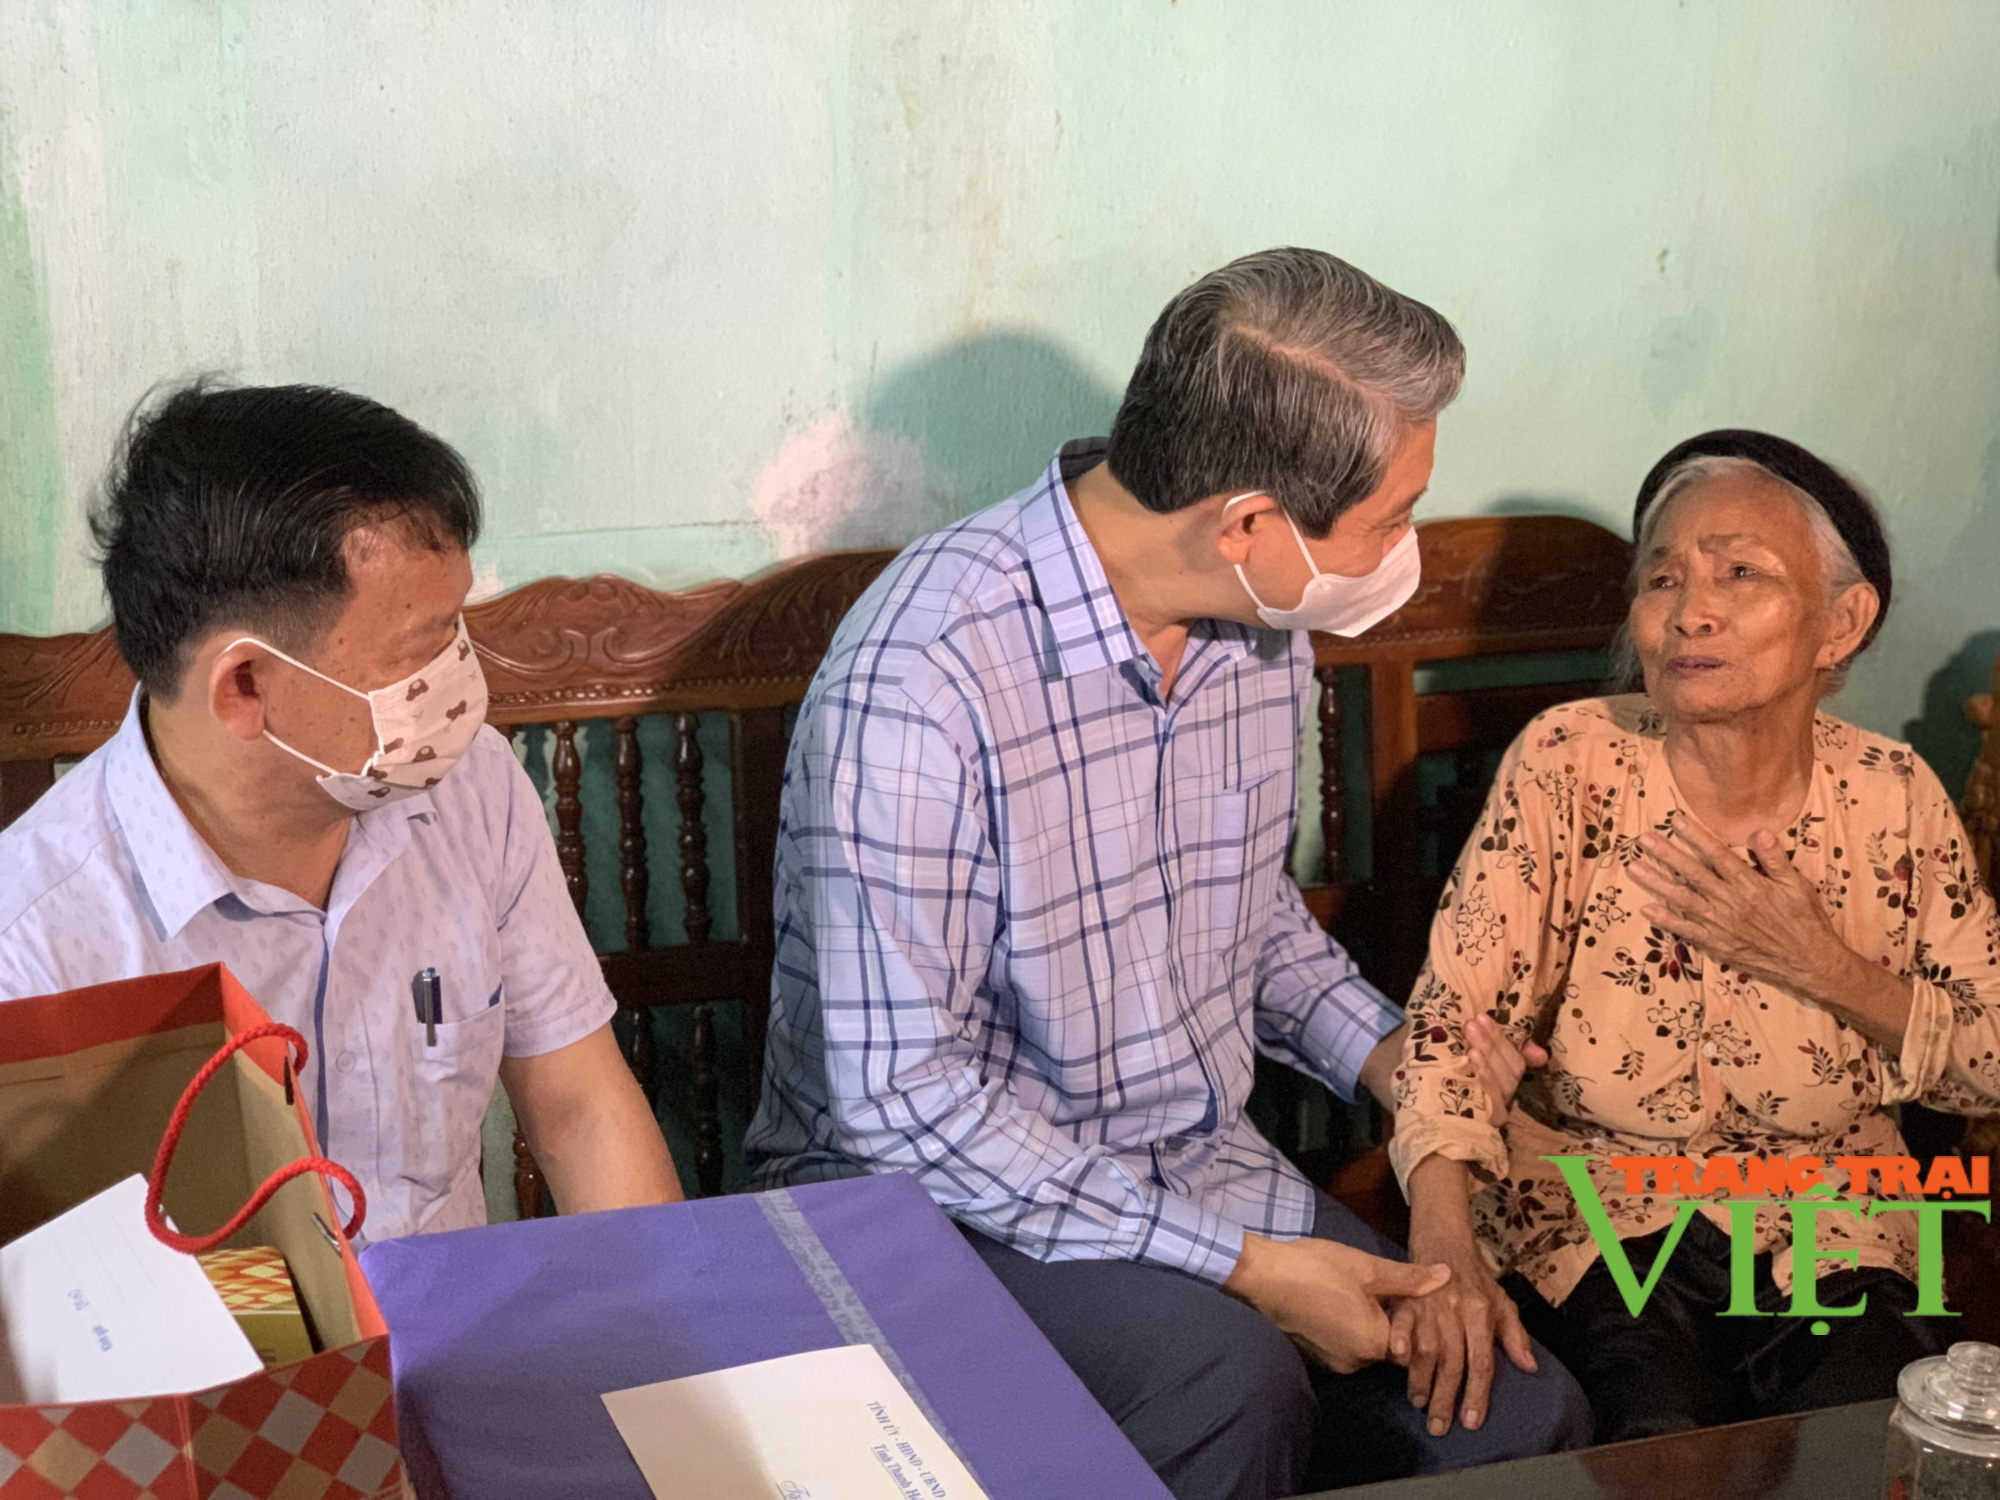 Phó Chủ tịch UBND tỉnh Thanh Hoá viếng nghĩa trang liệt sĩ và tặng quà các gia đình chính sách 2 huyện  - Ảnh 4.